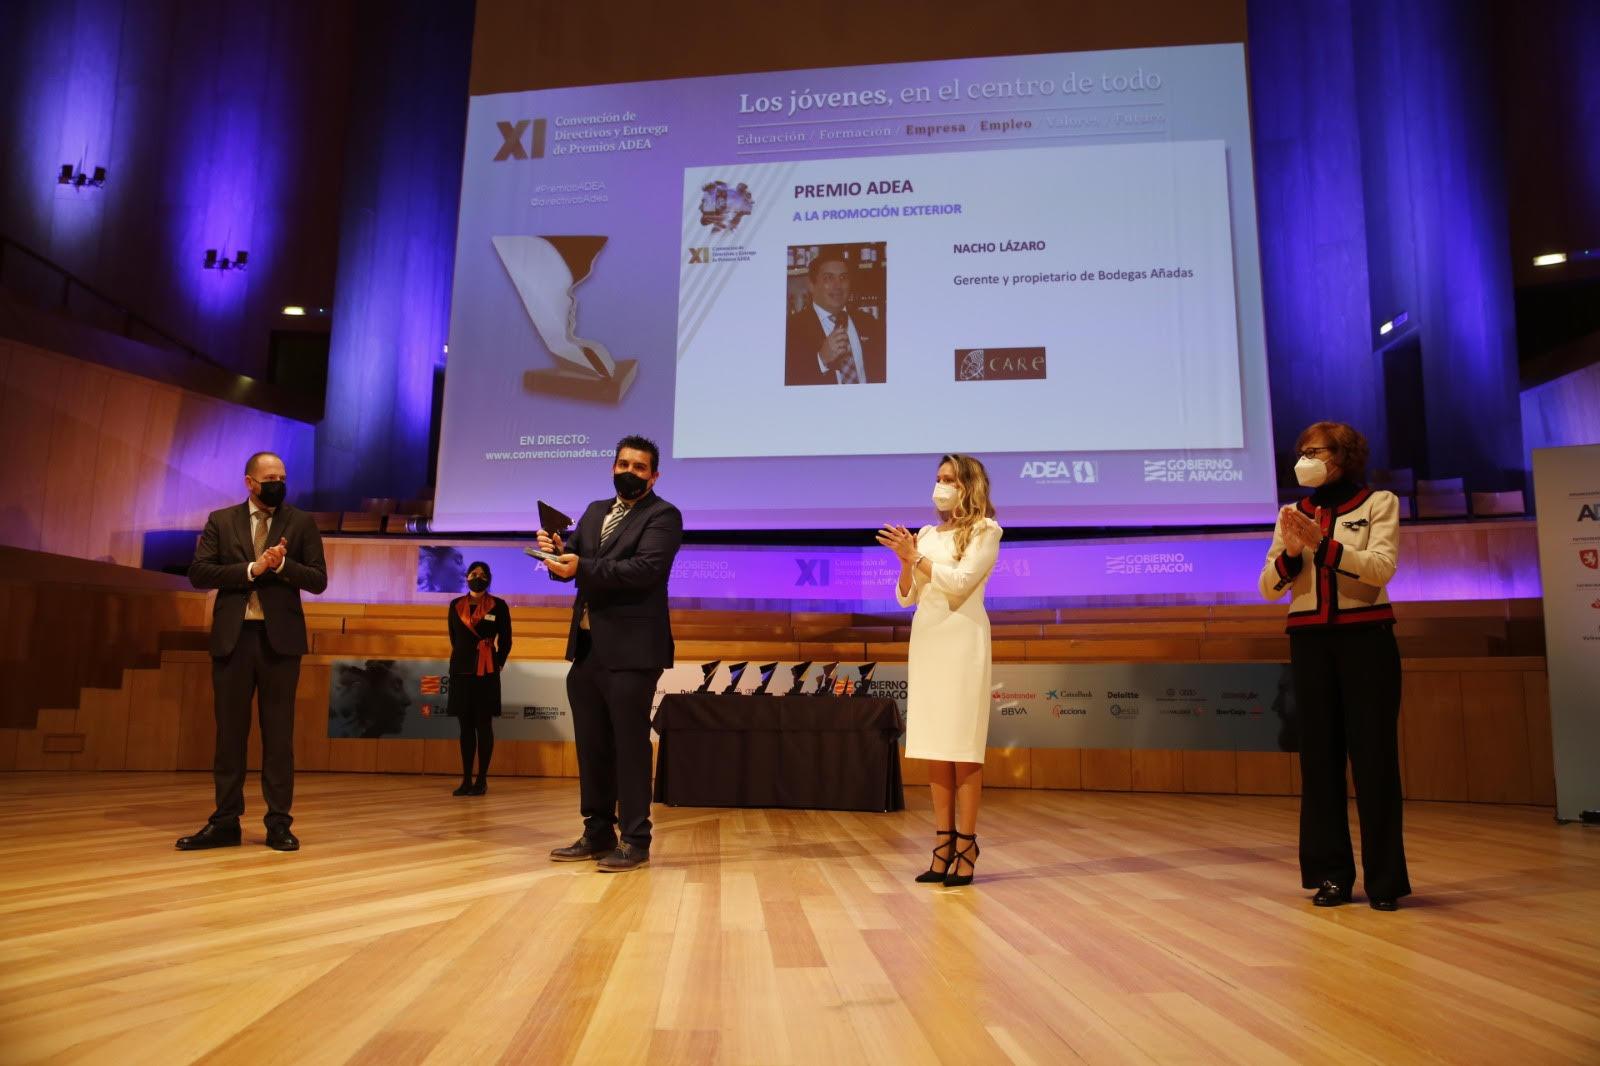 Nacho Lázaro recogiendo el premio ADEA 2020